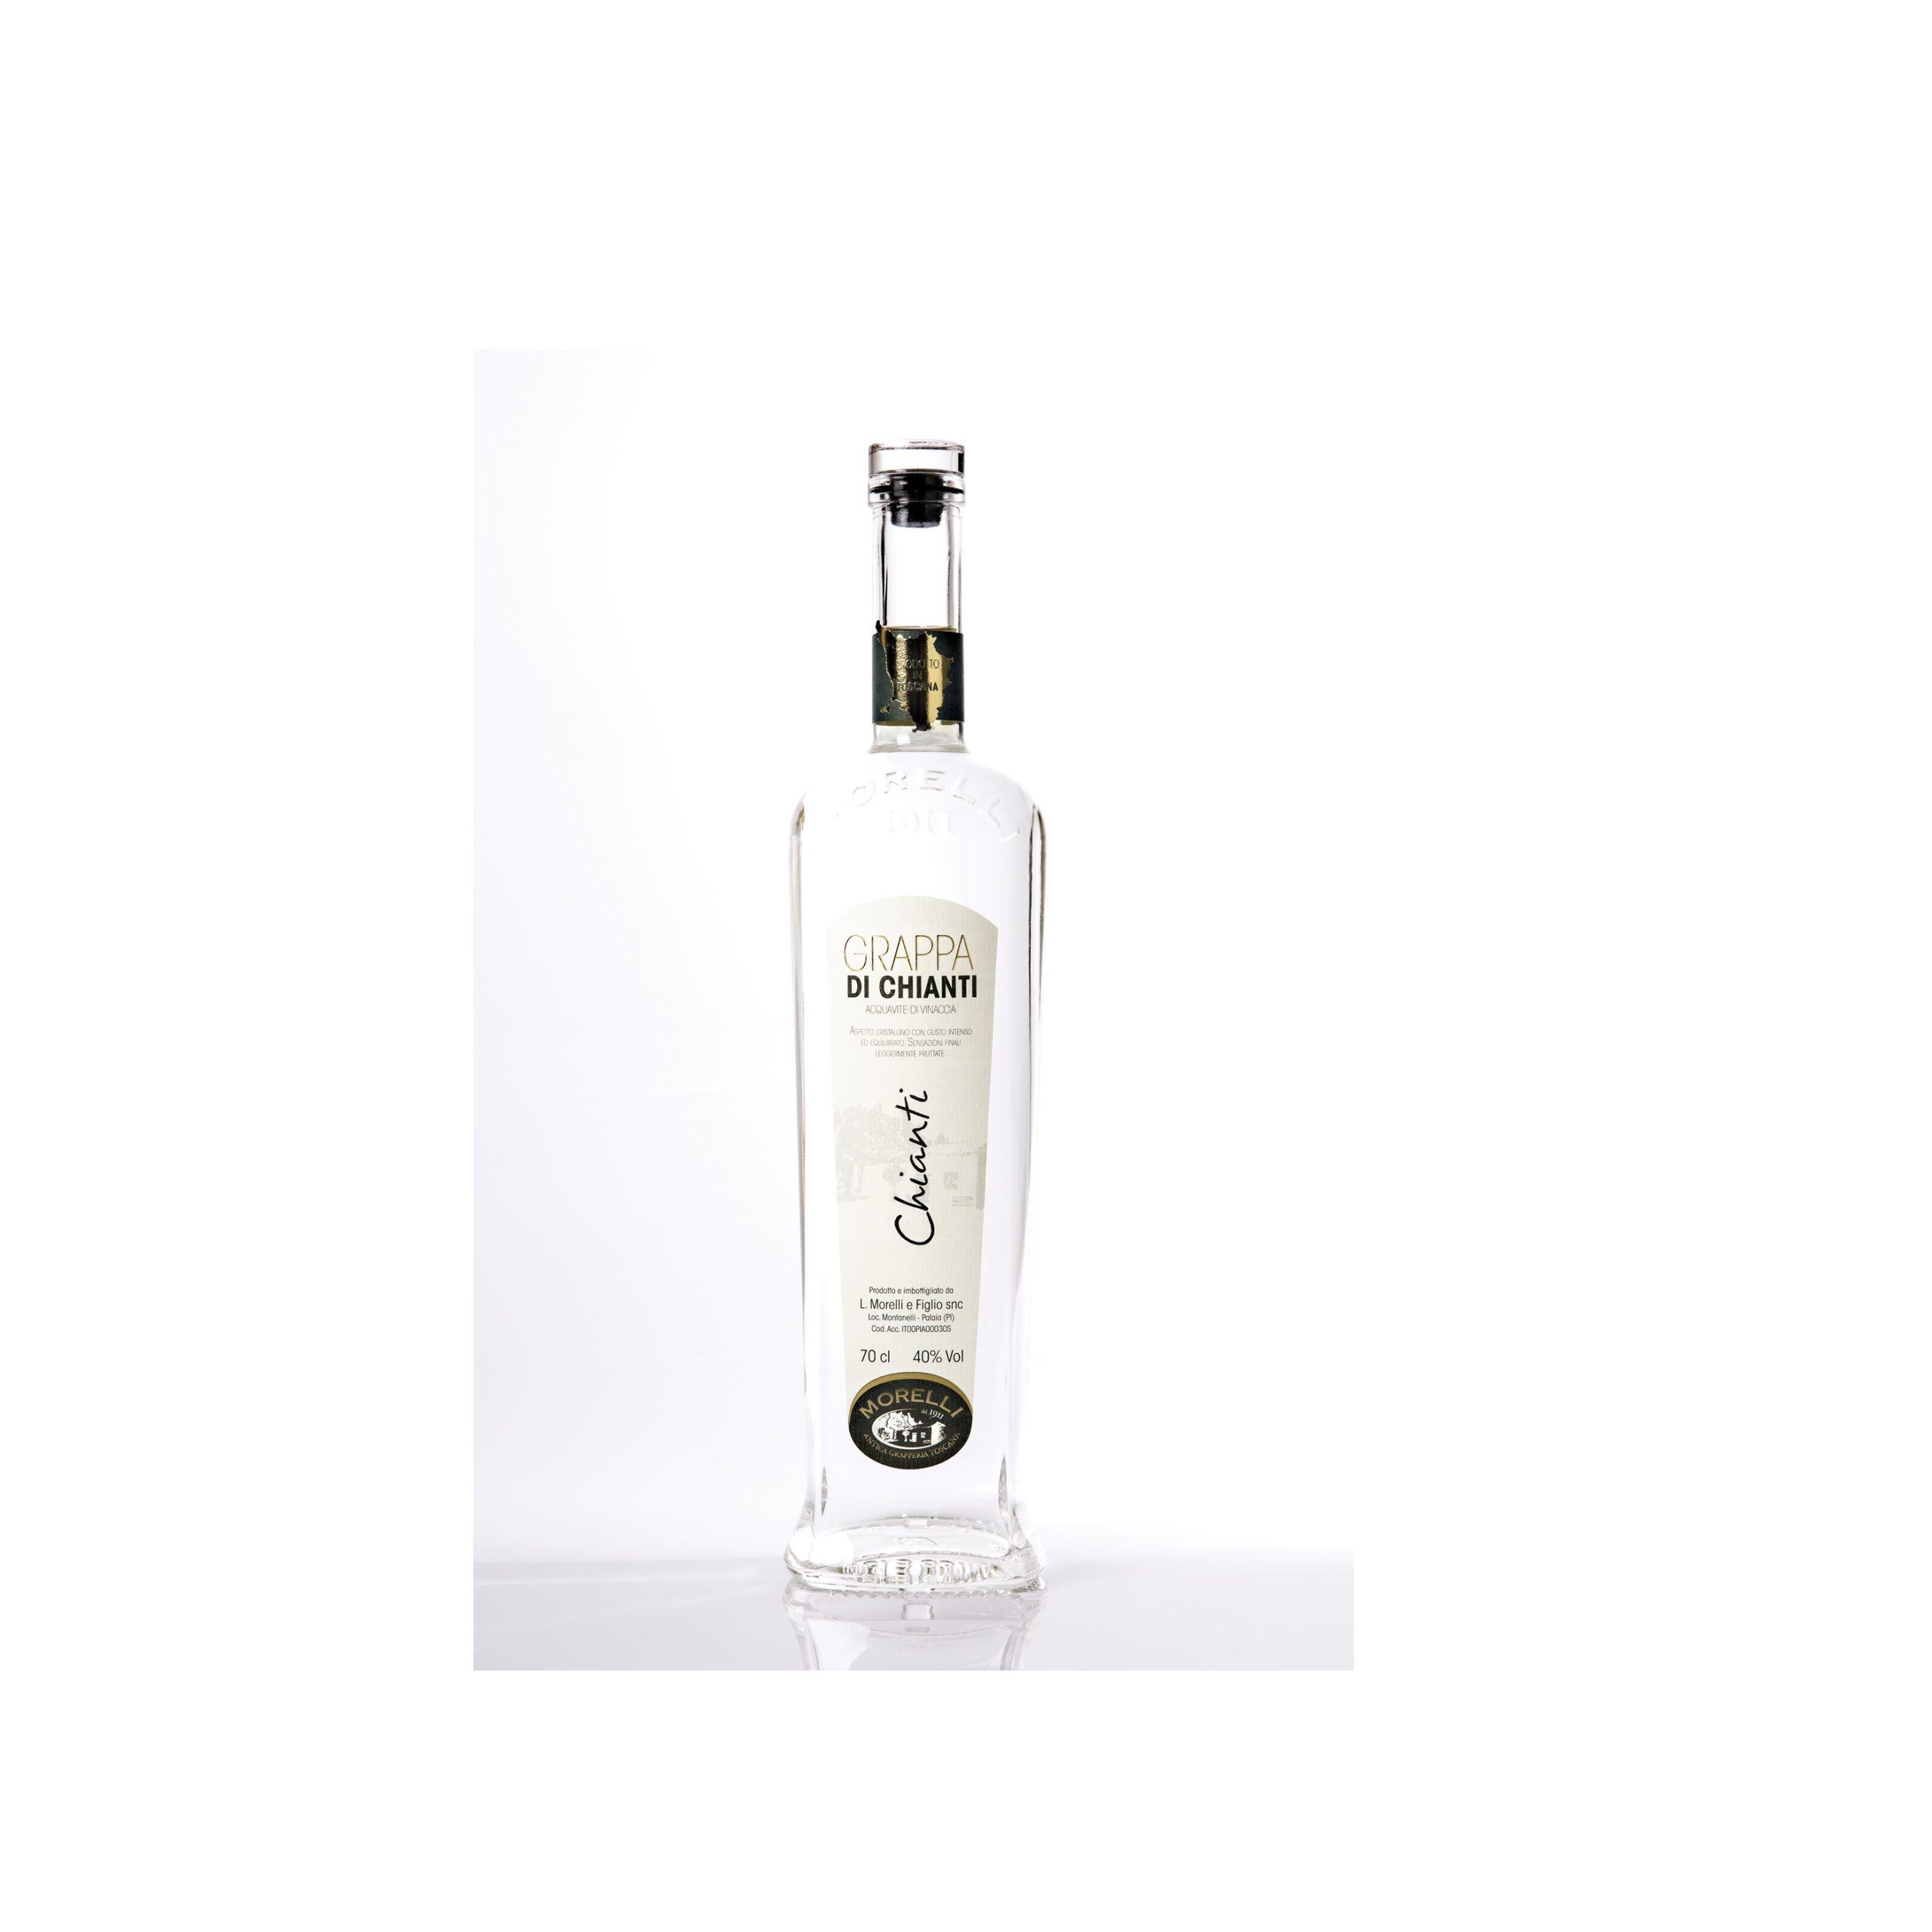 Grappa Bianca   Grappa di Chianti   Liquorificio Morelli